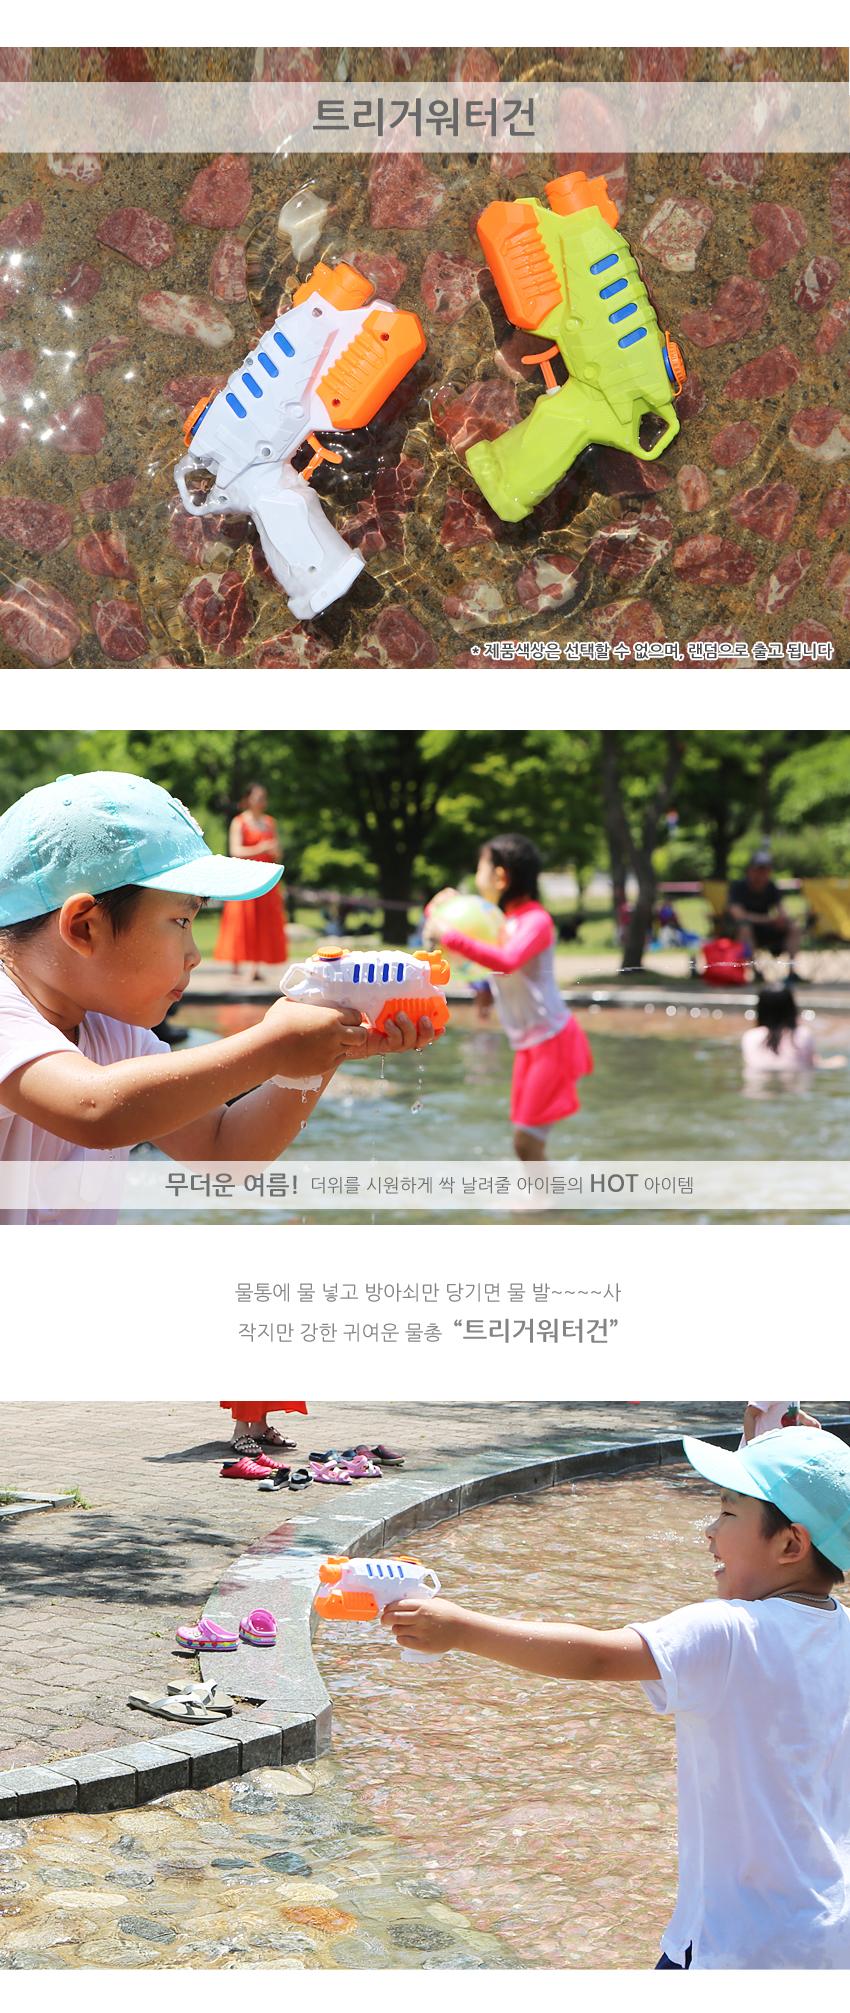 트리거워터건(2개) 물총 여름완구 물총축제 여름완구 - 알사탕닷컴, 5,600원, 장난감총, 물총